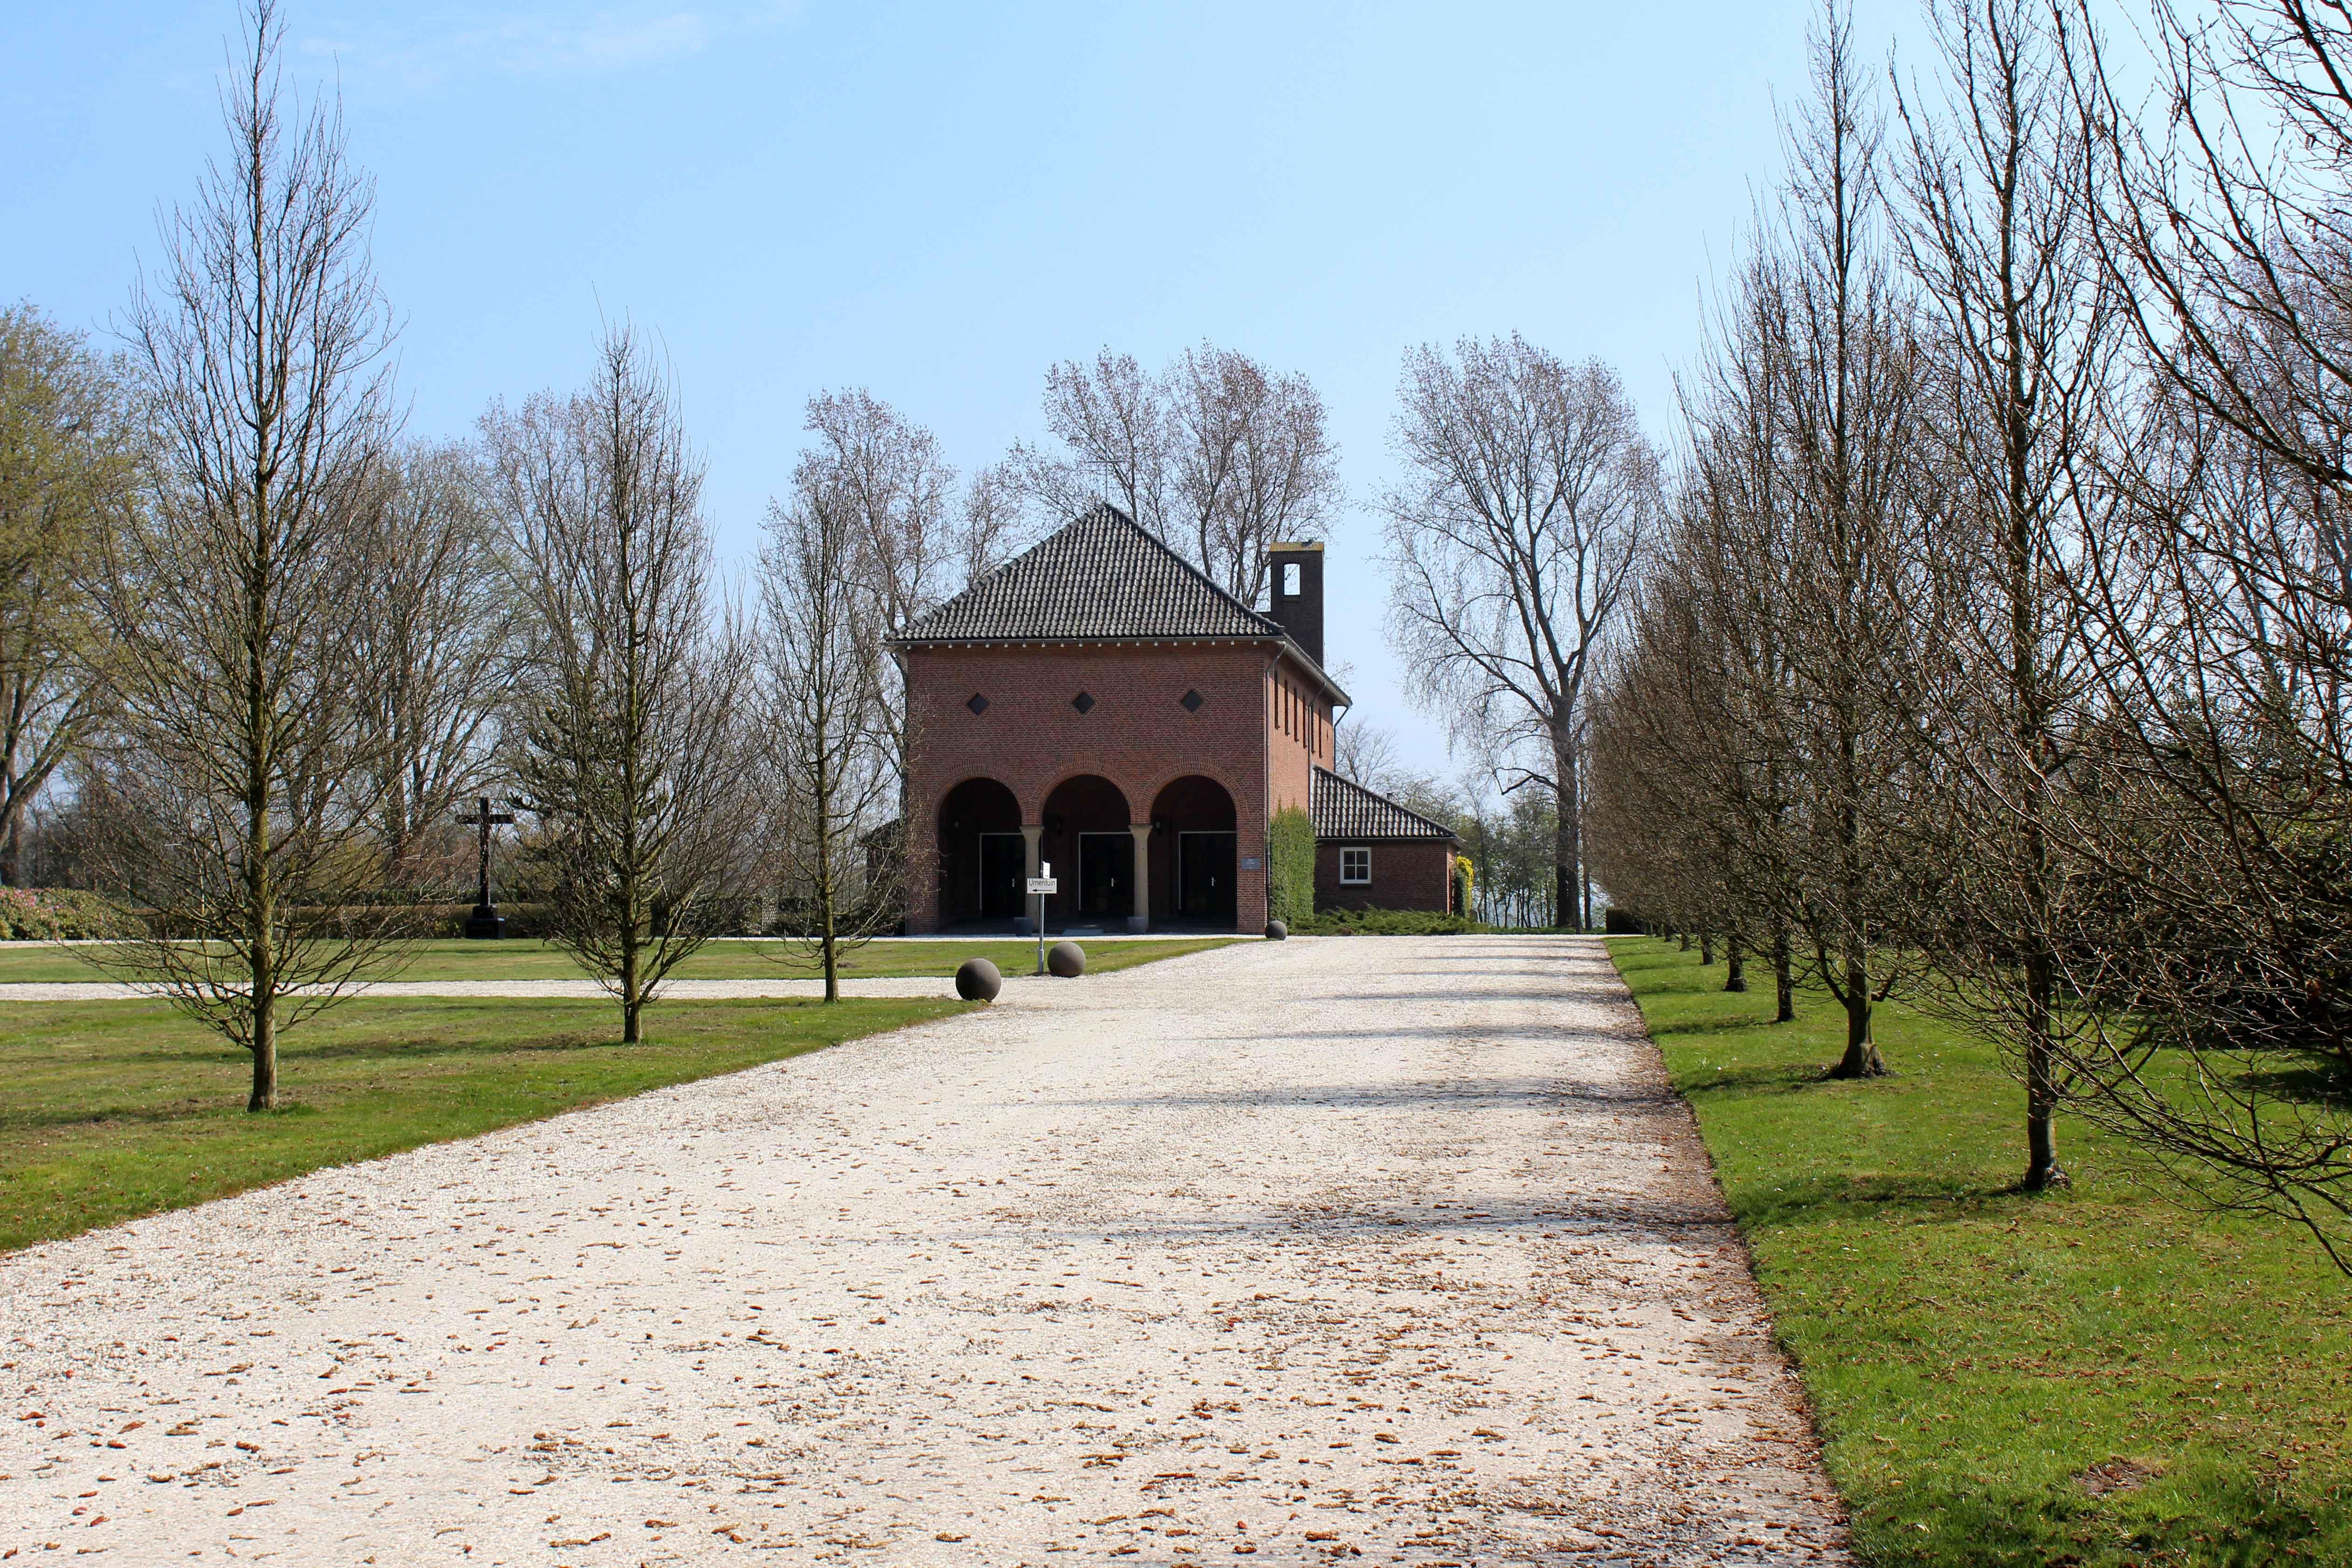 Begraafplaats St. Jozef Haarlem